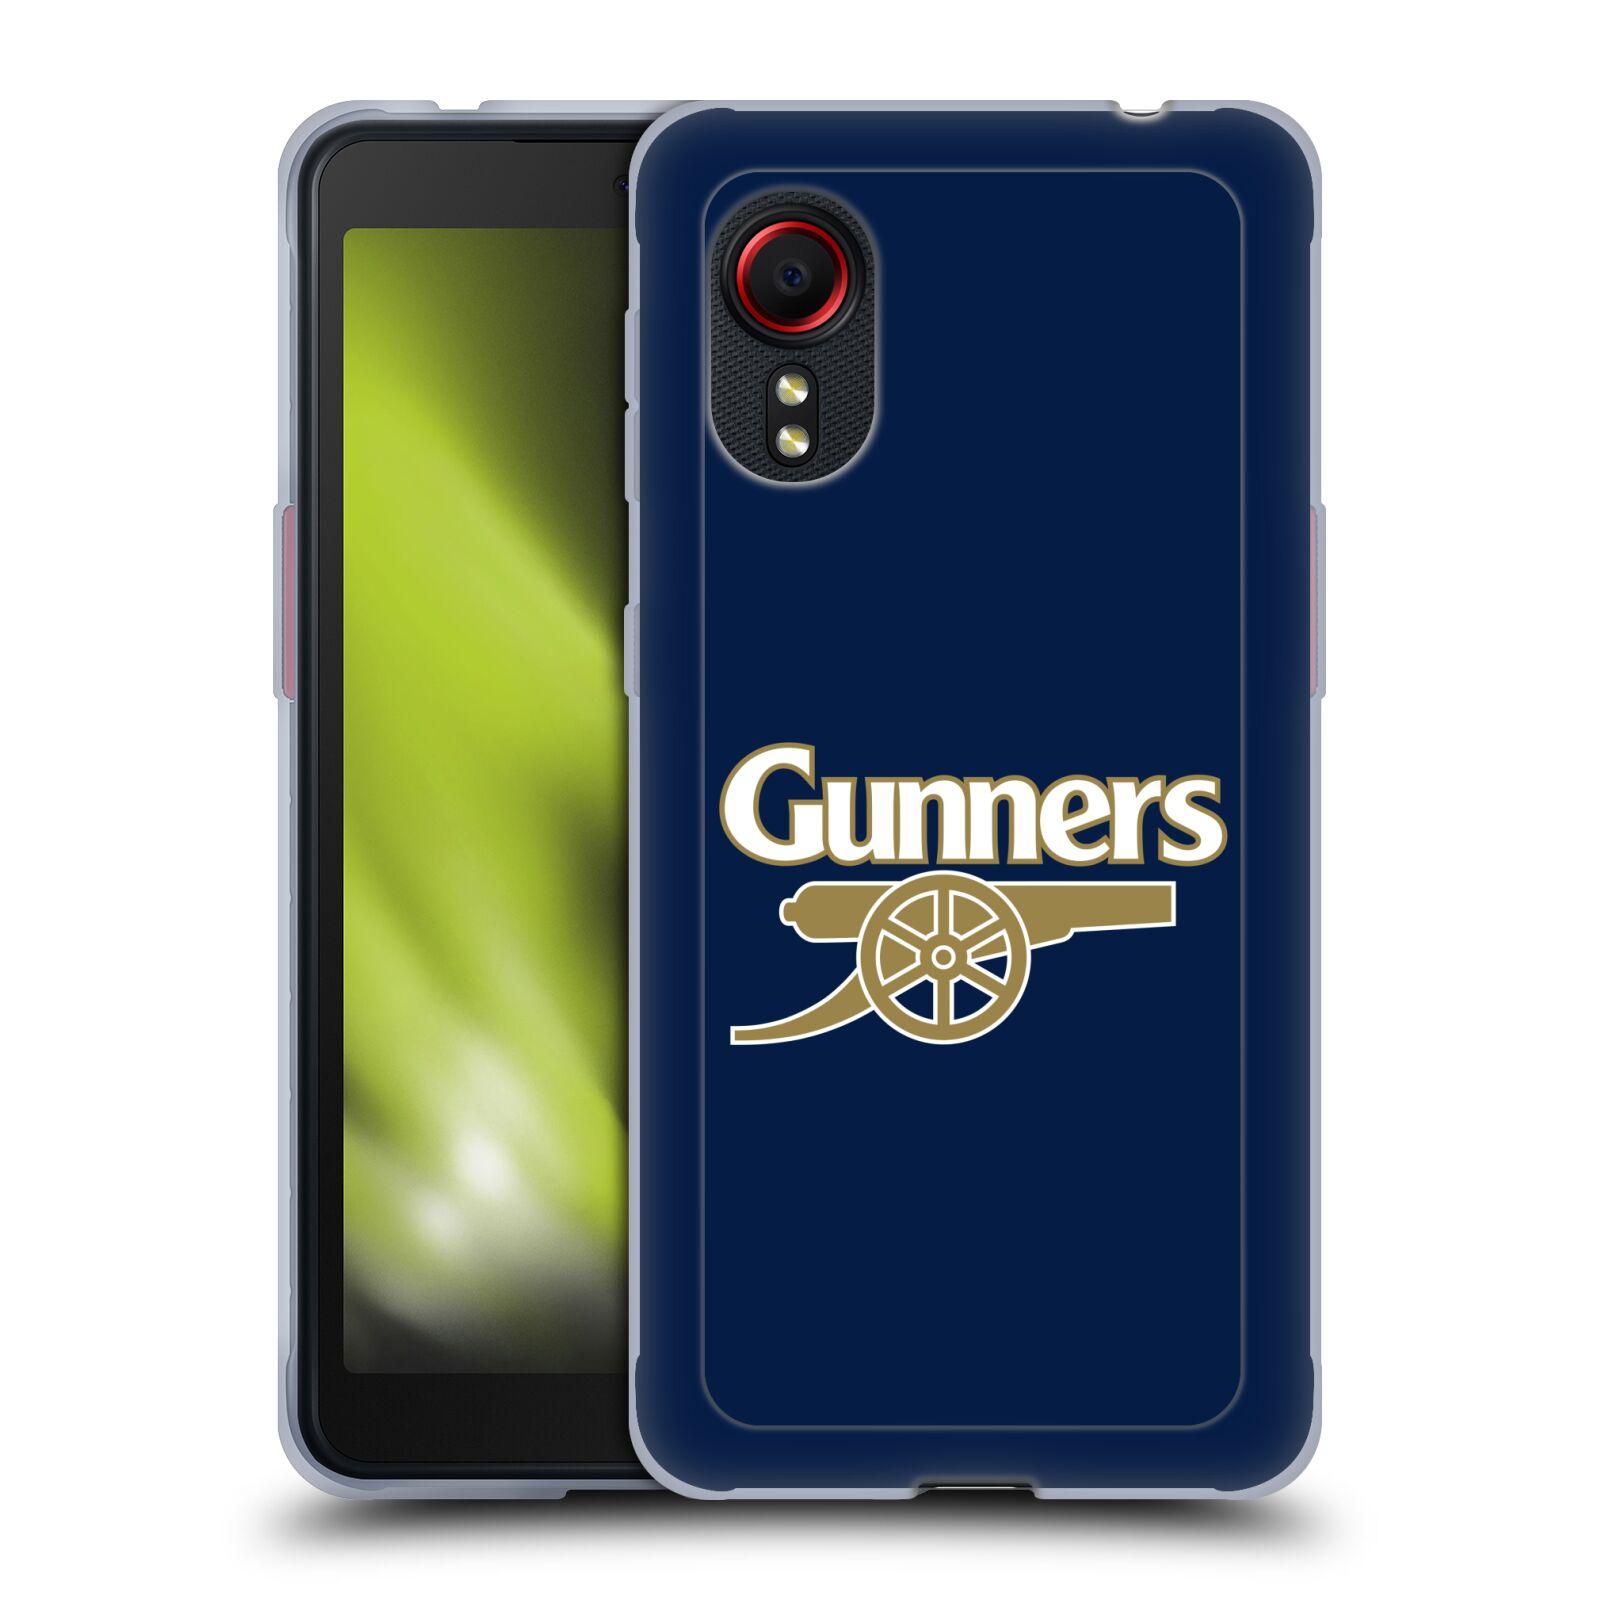 Silikonové pouzdro na mobil Samsung Galaxy Xcover 5 - Head Case - Arsenal FC - Gunners